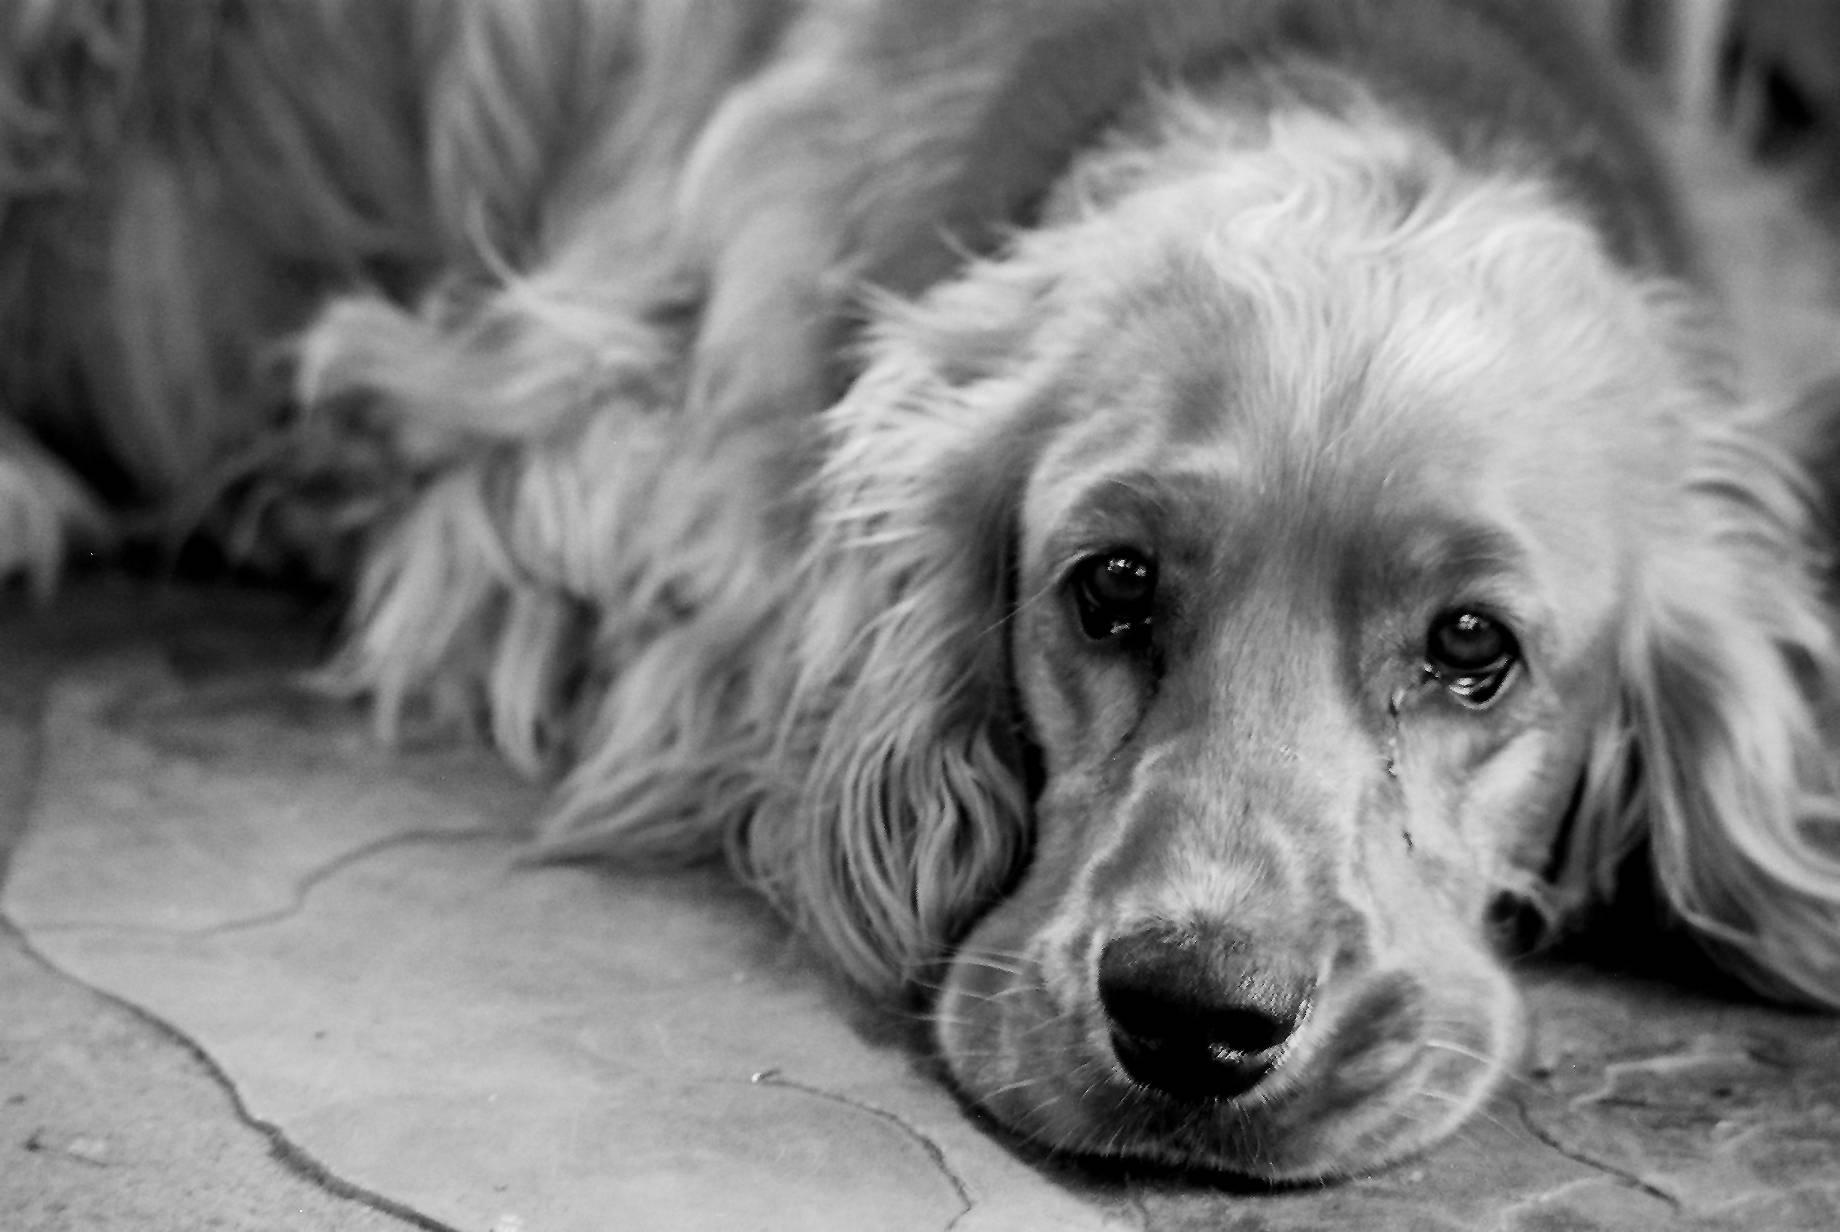 Почему моя собака скулит и плачет в машине? - советы для домашних животных 2020